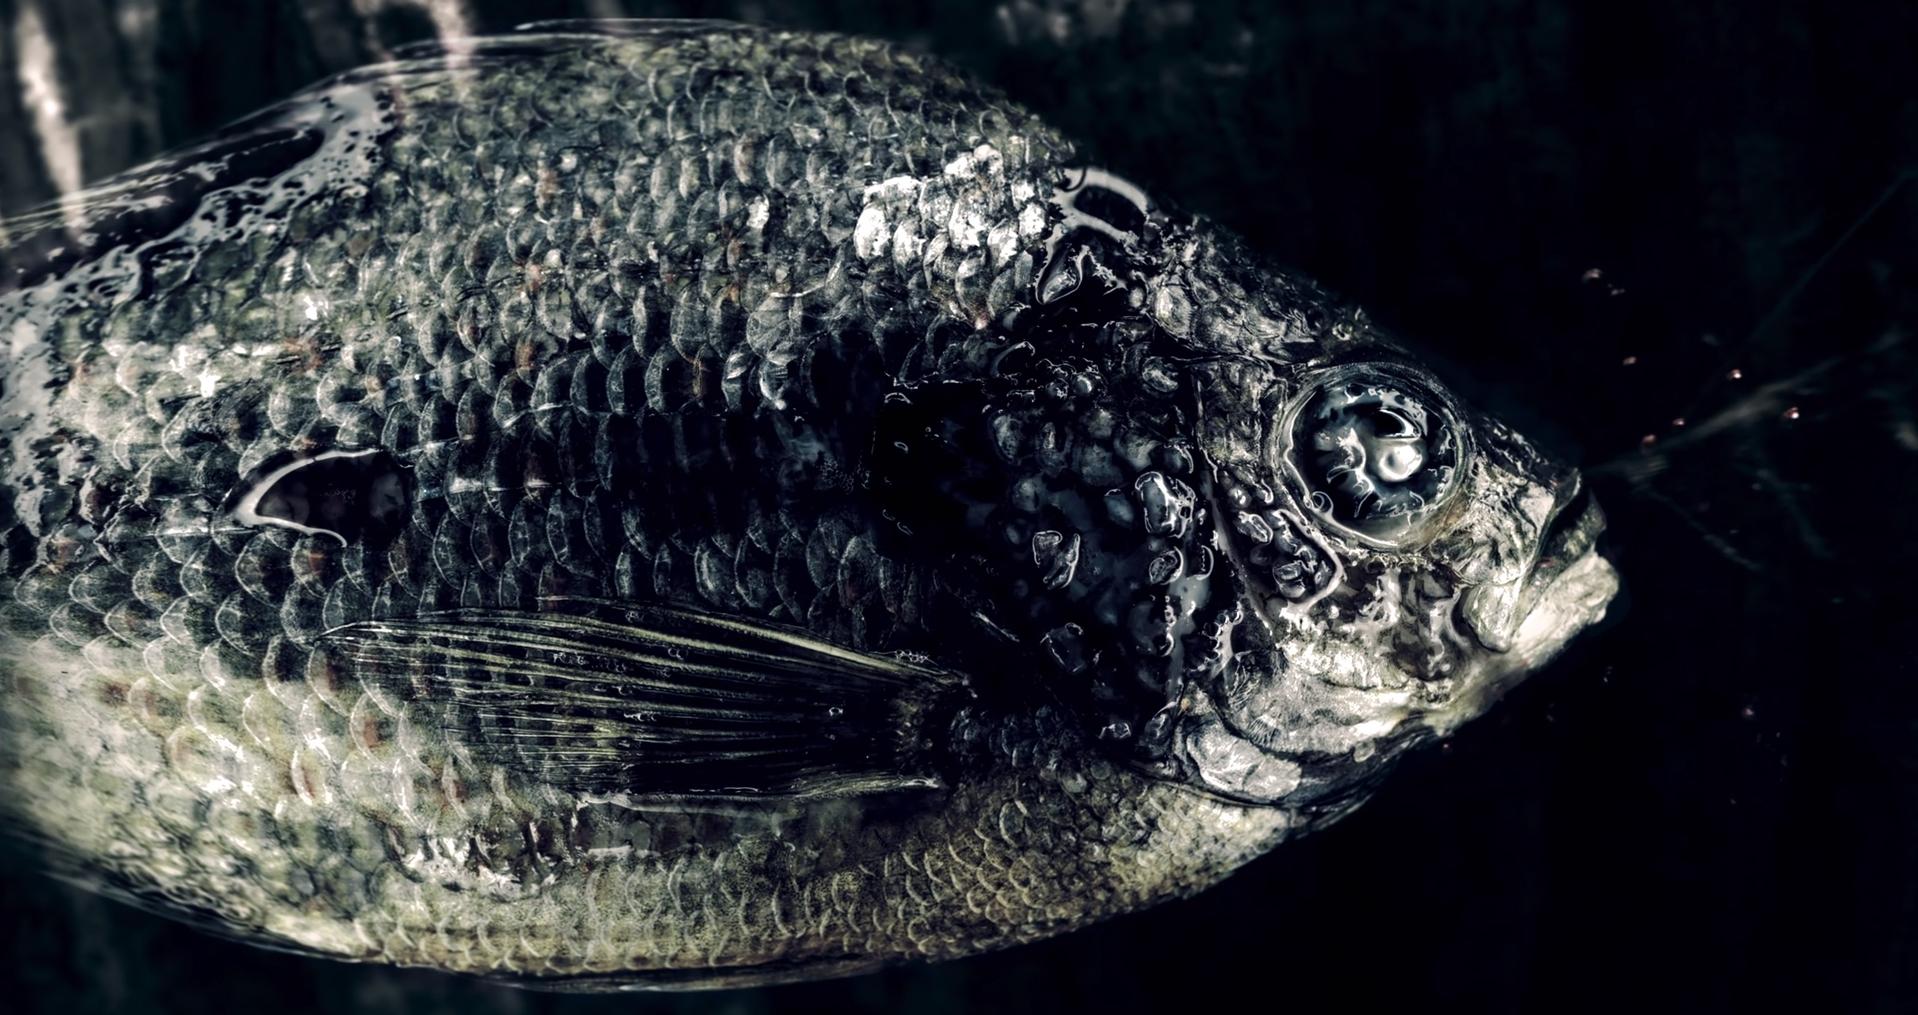 Incluso un pescado deshidratado puede denotar belleza. Su piel y sus ojos se acaban quebrando.